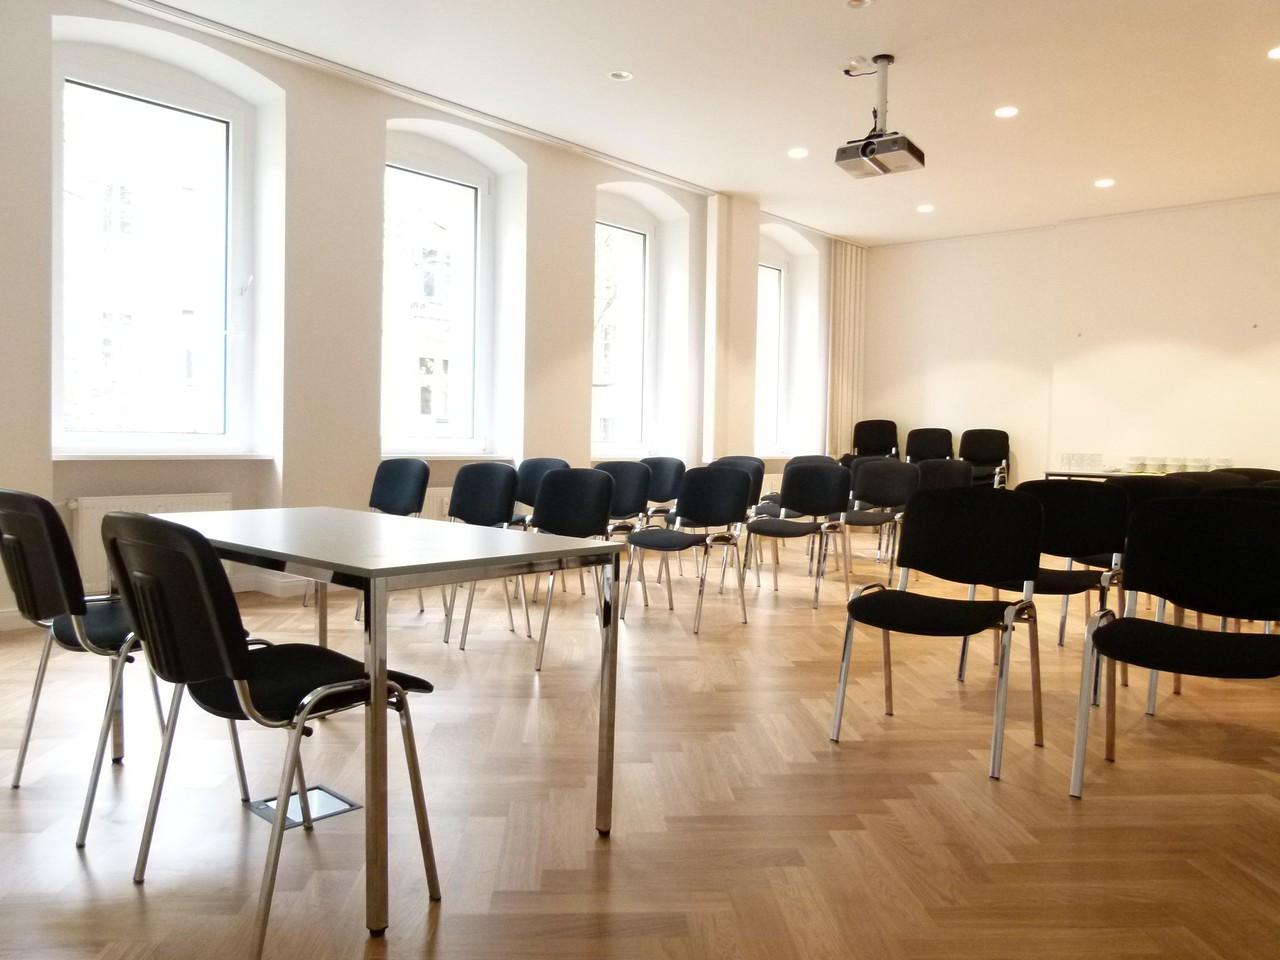 Berlin training rooms Salle de réunion Konferenzraum in den Askania Höfen image 0